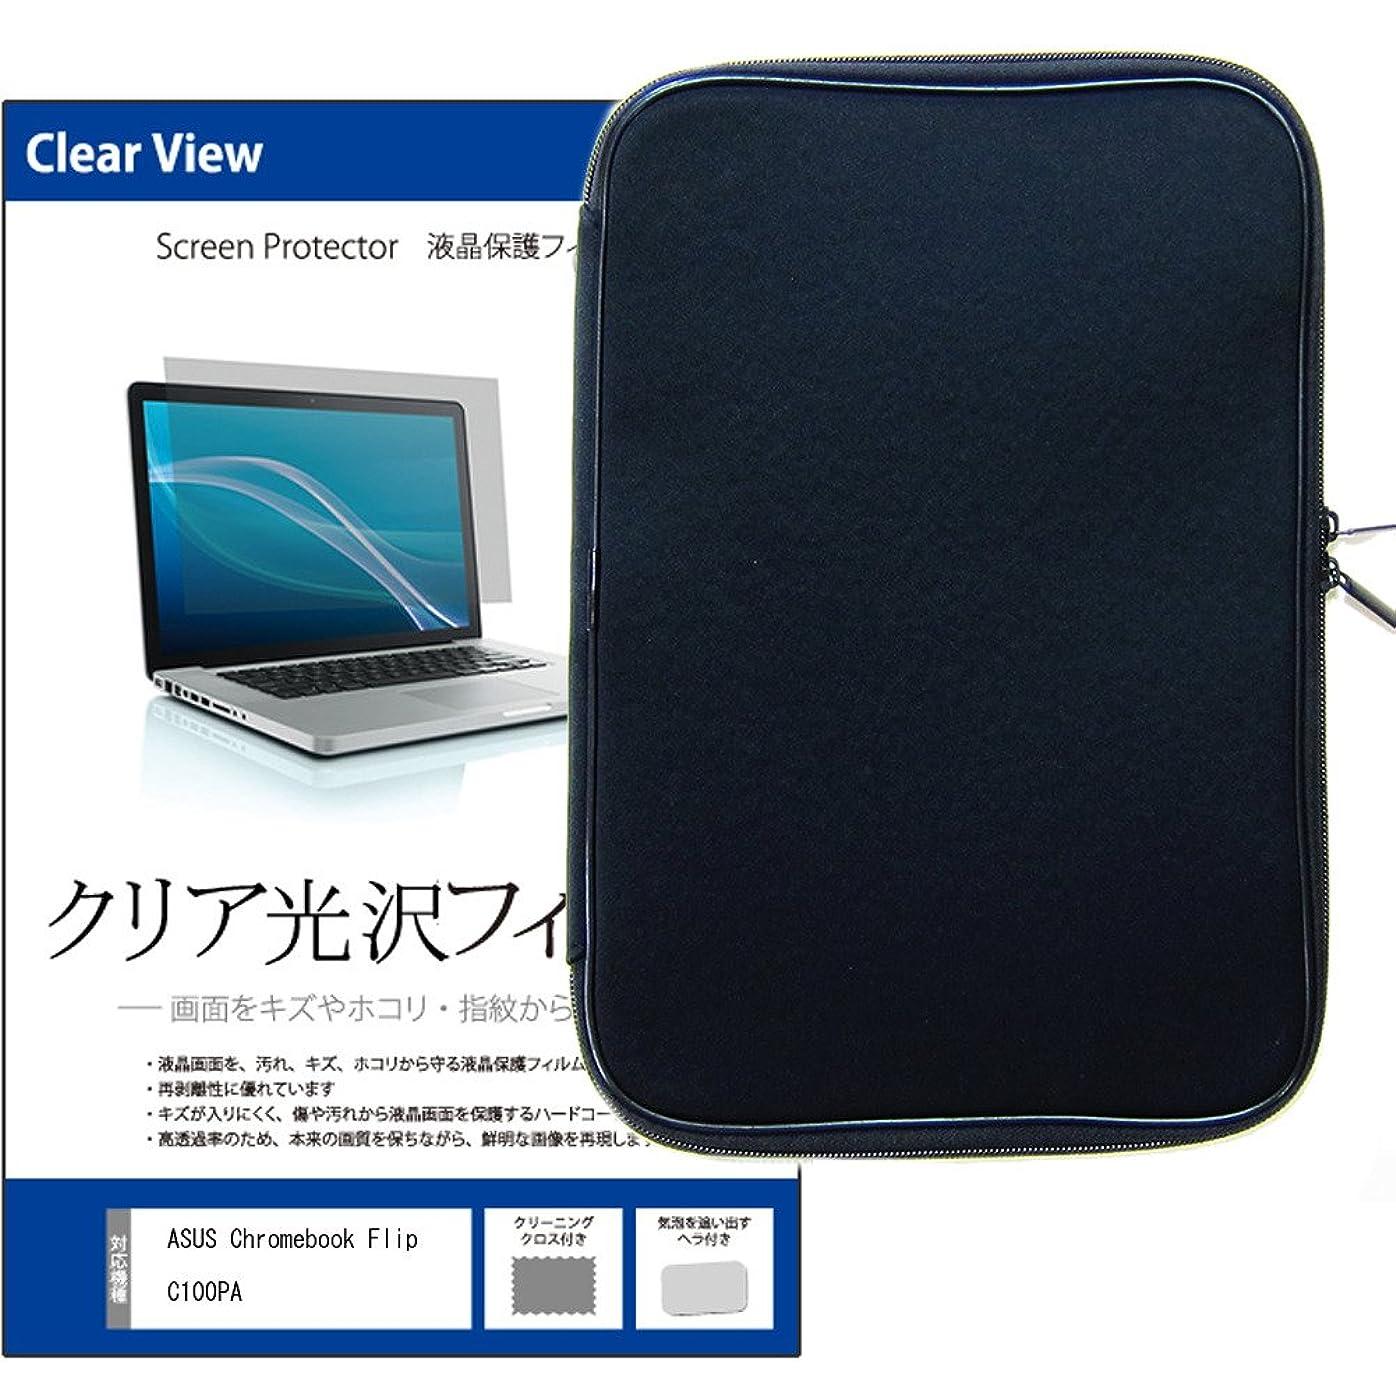 介入する二十信じるメディアカバーマーケット ASUS Chromebook Flip C100PA [10.1インチ(1280x800)]機種用 【衝撃吸収 PCケース と 指紋防止 クリア 光沢 液晶保護フィルム のセット】